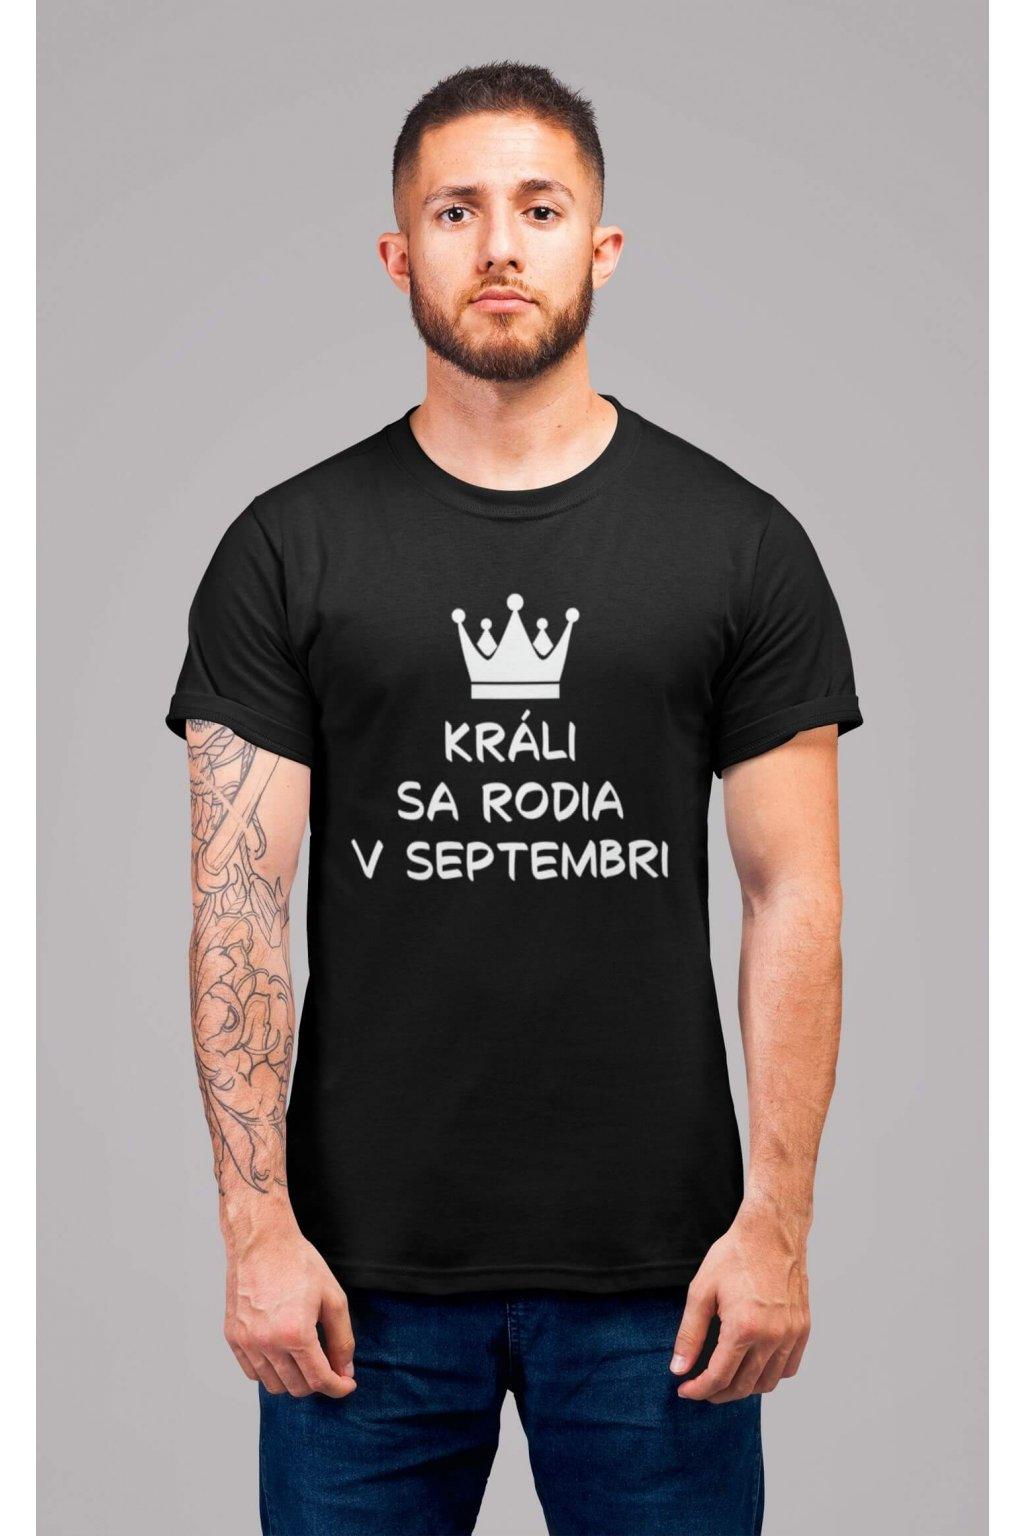 Pánske tričko Králi sa rodia v septembri